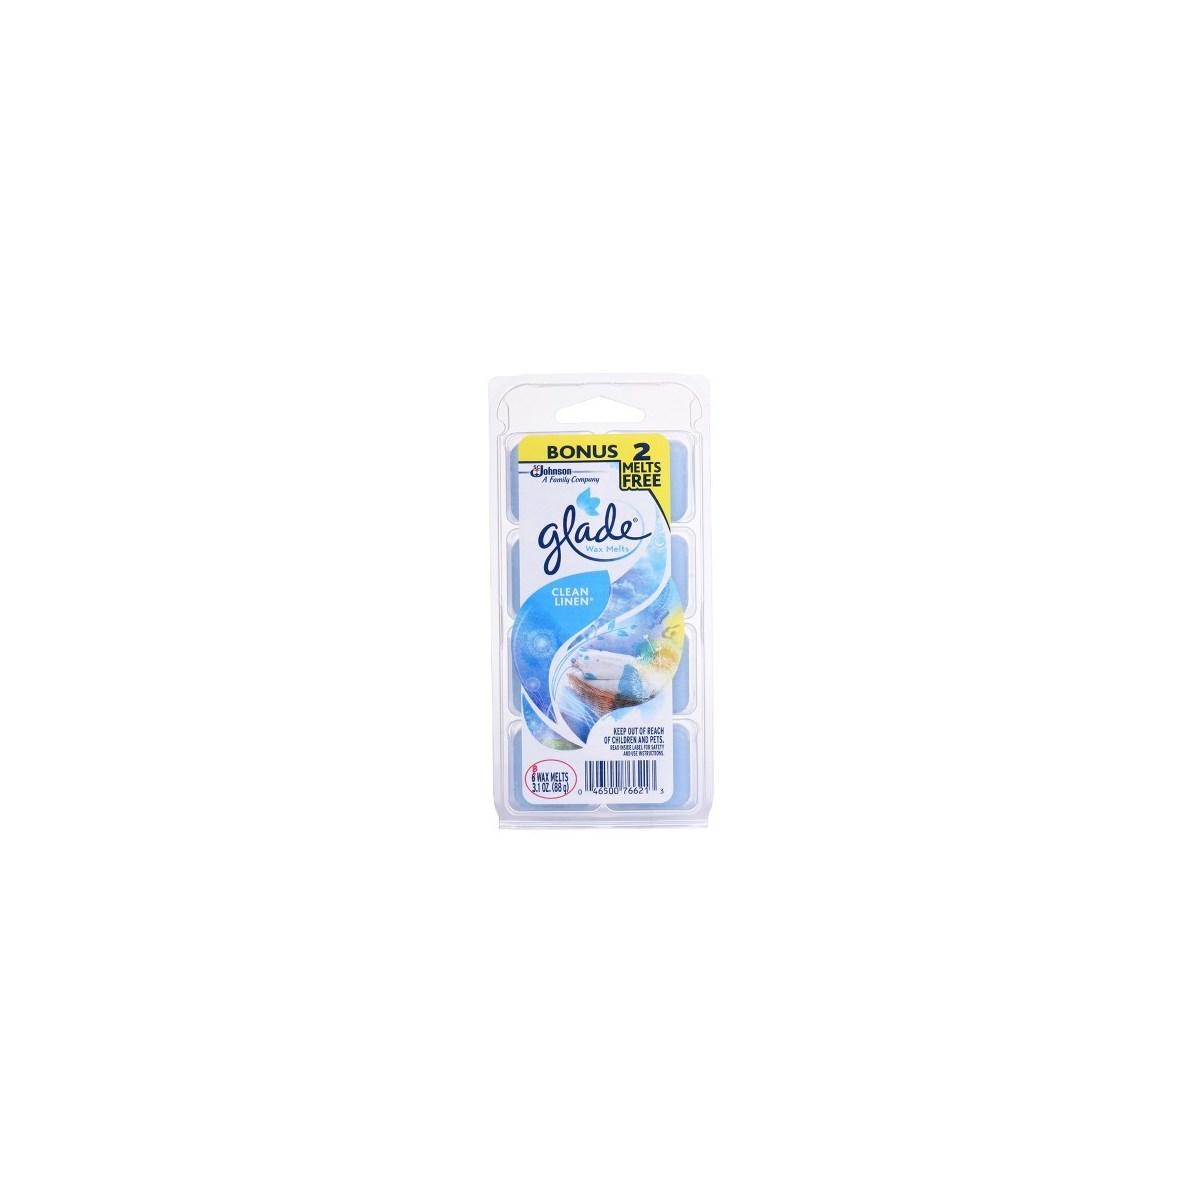 GLADE WAX MELT REFILL CLEAN LINEN 8/8CT (00150)